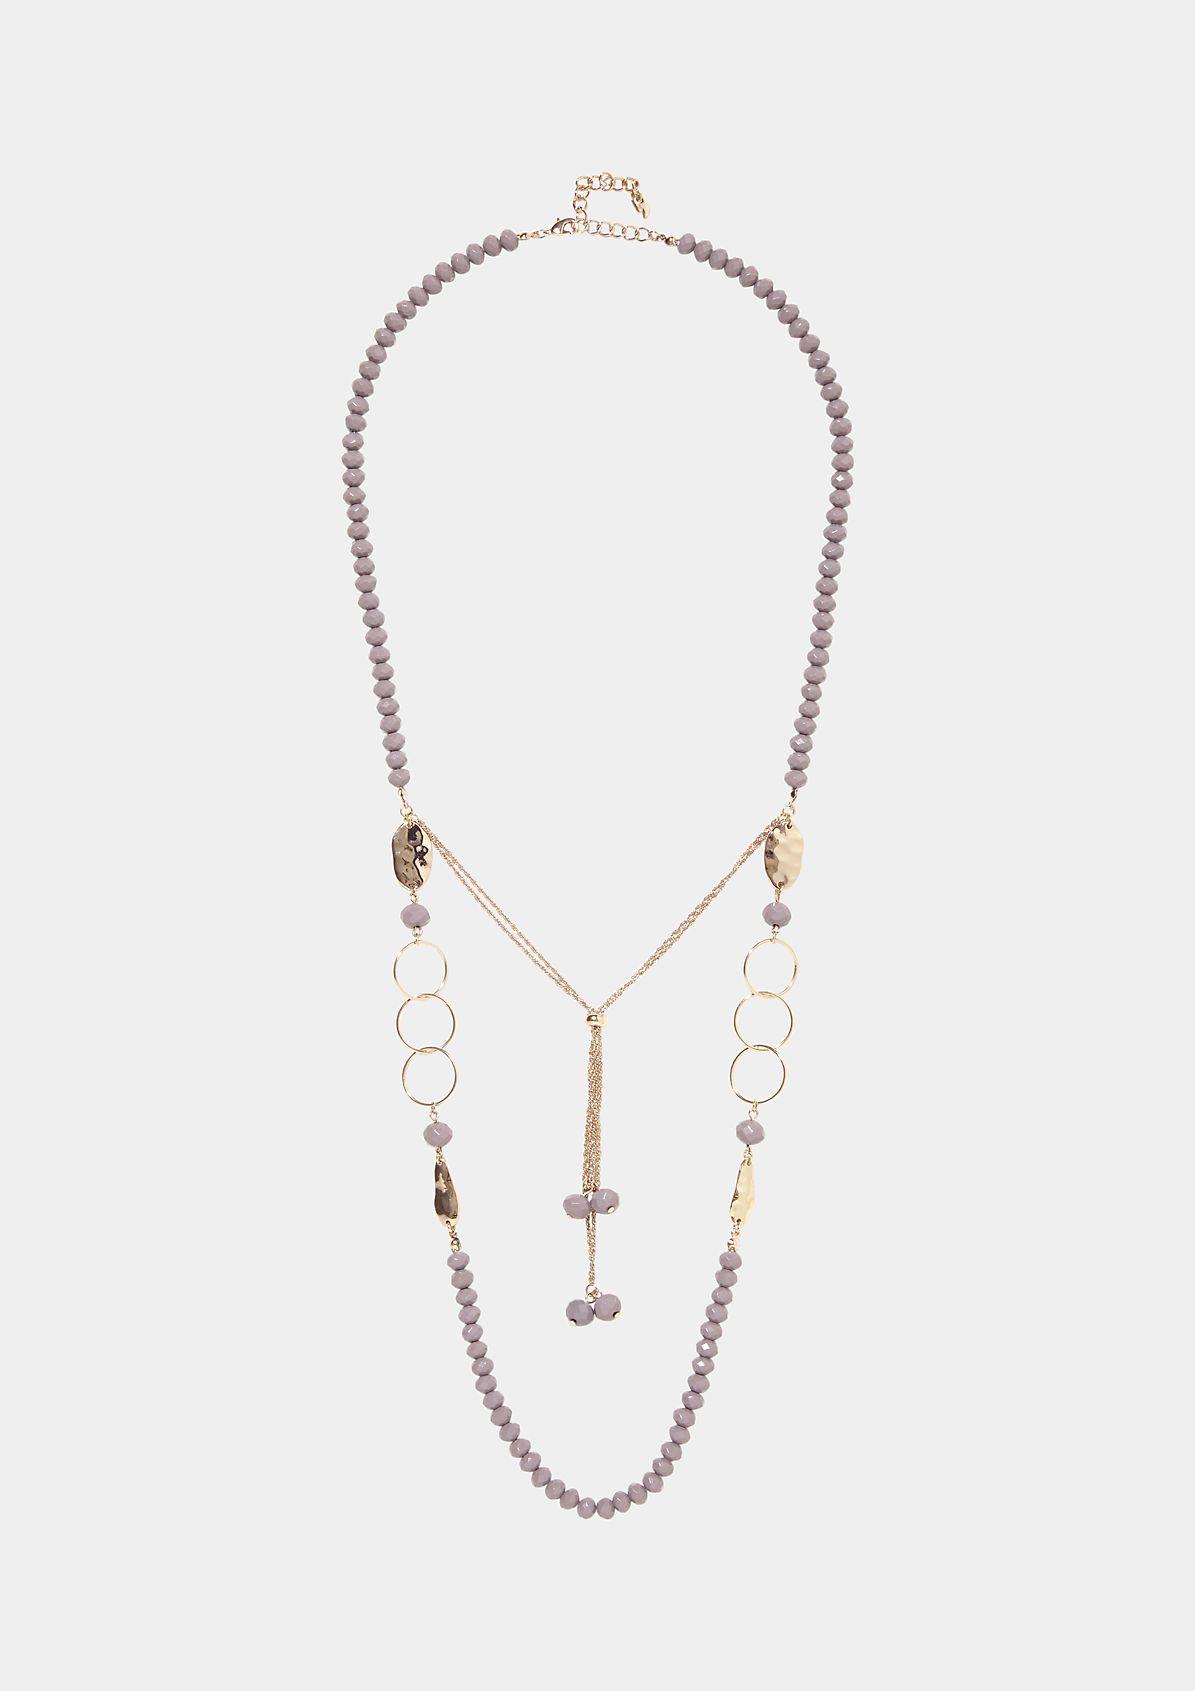 Extravagante Halskette aus Schmucksteinen mit goldglänzenden Verzierungen